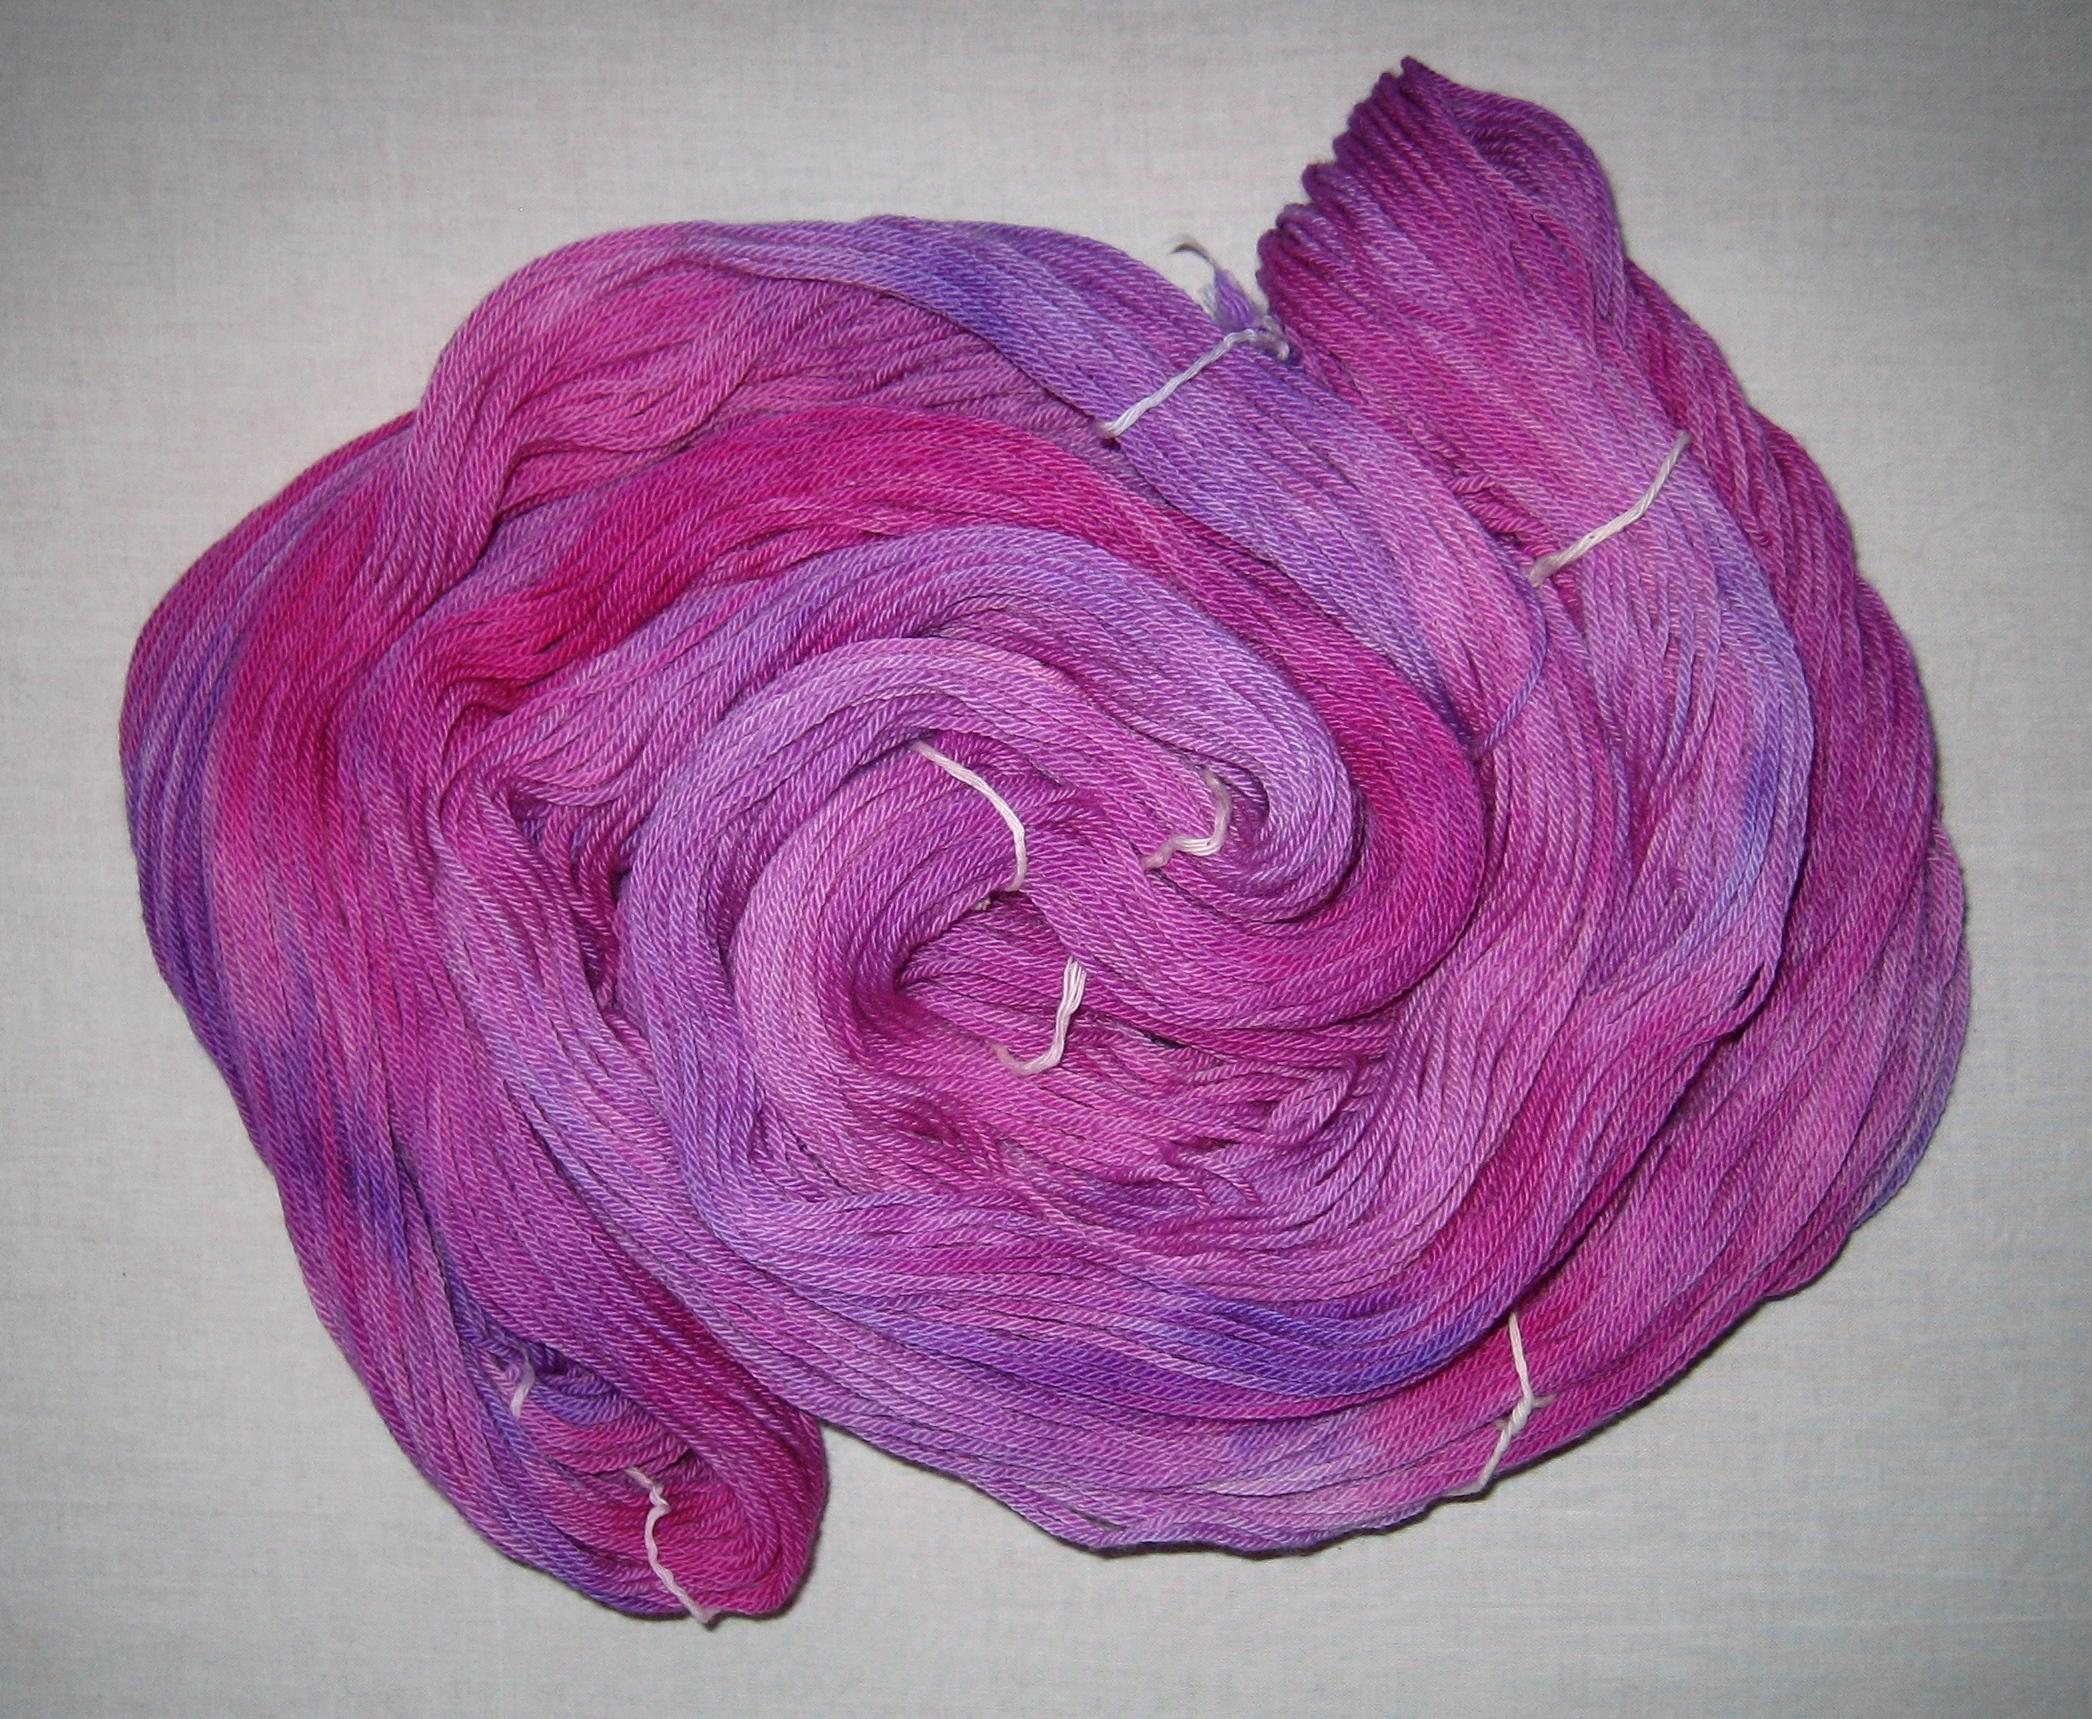 garnyarn-håndfarvet-garn-mellem-merinould-baeredygtig-magenta-lilla